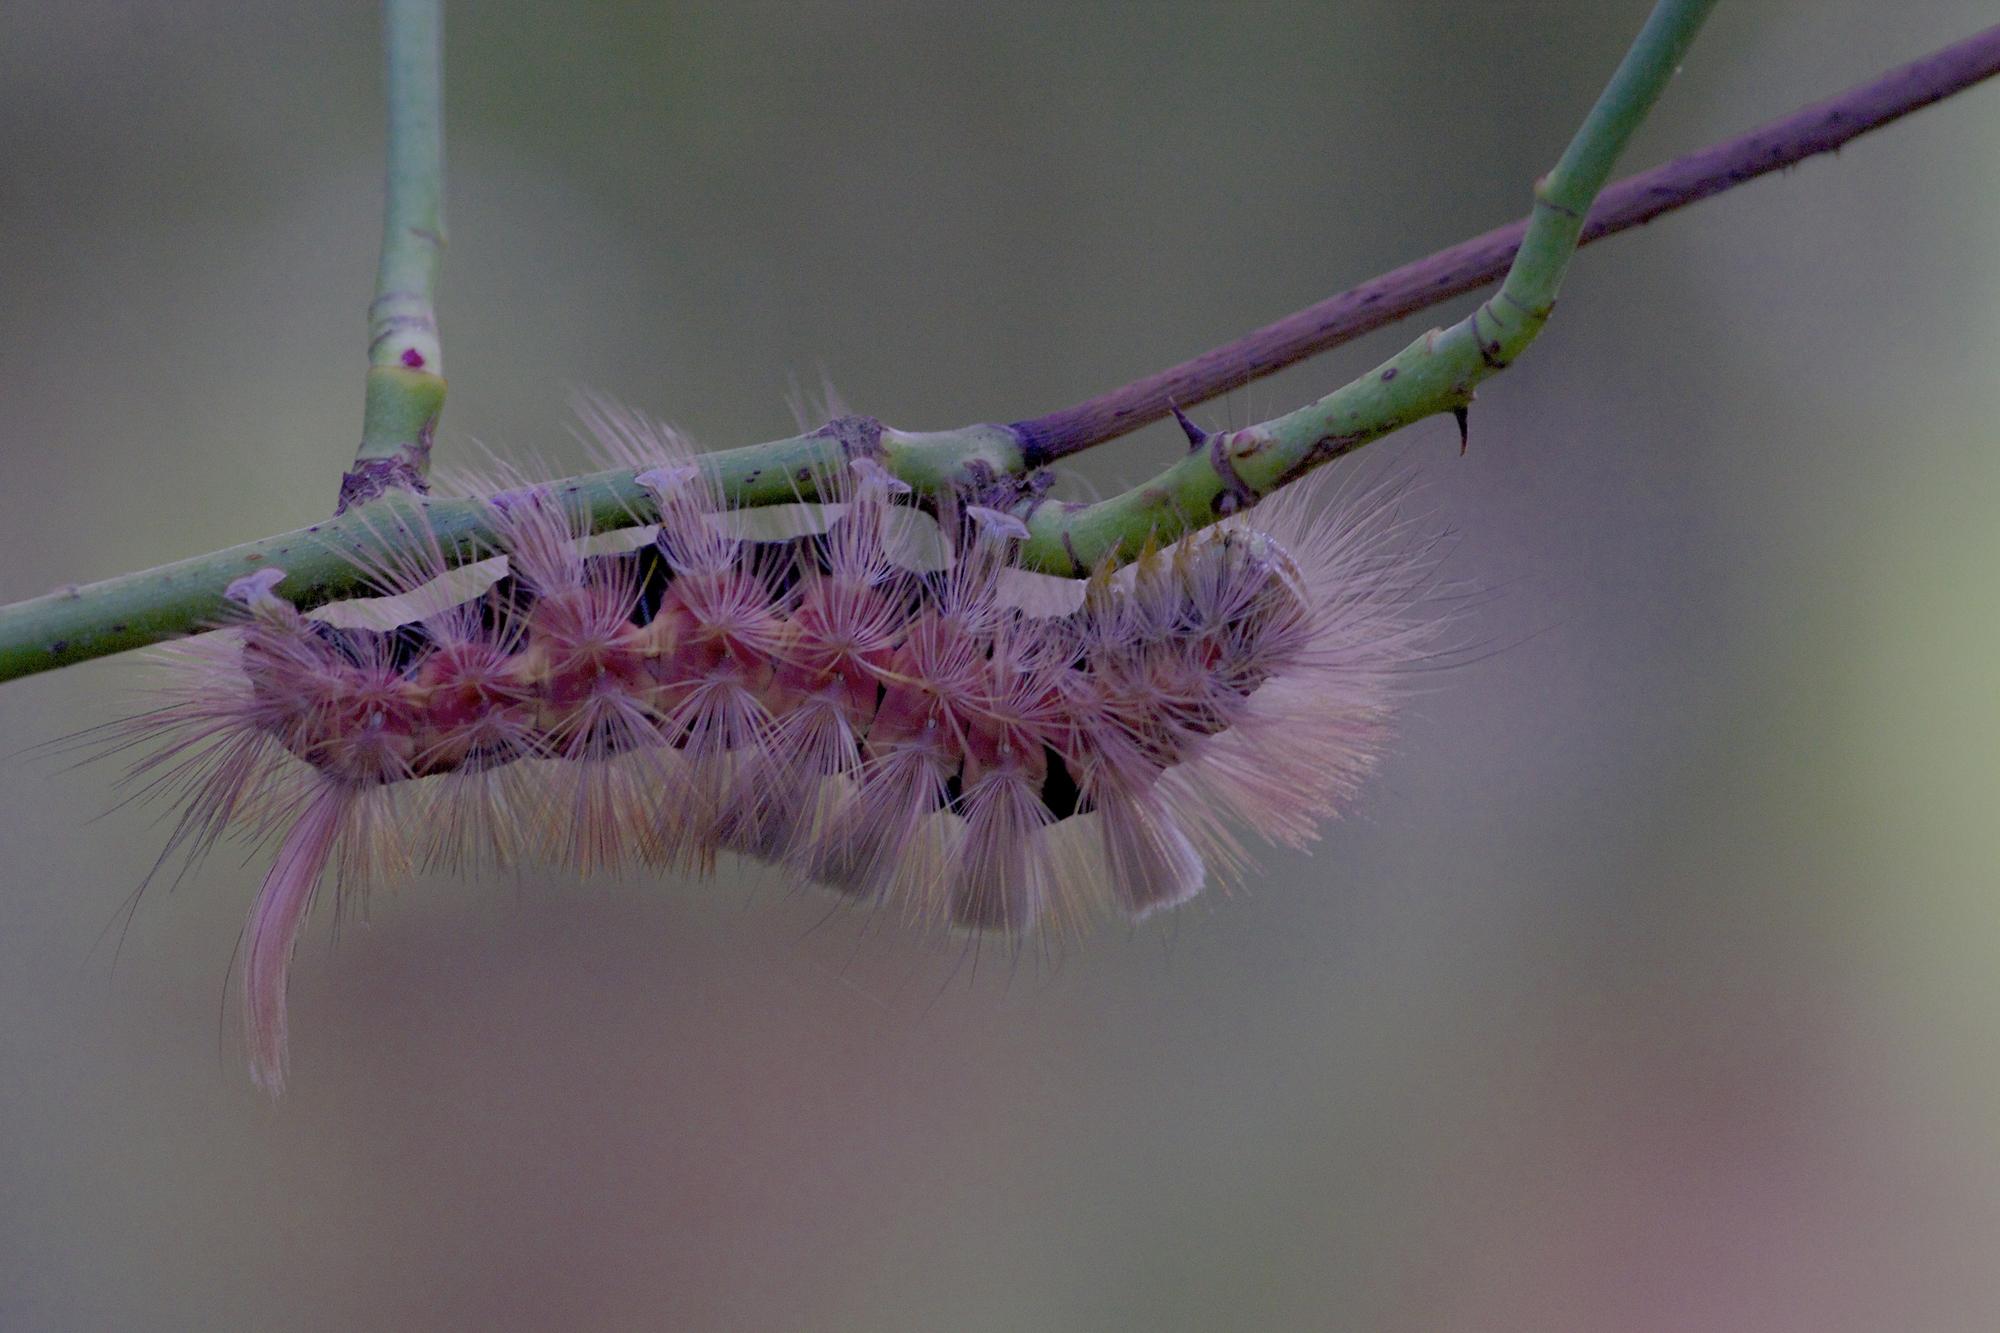 © Andrea Espiñeira No se vosotros, pero yo pocas veces he visto una oruga rosa y peluda.